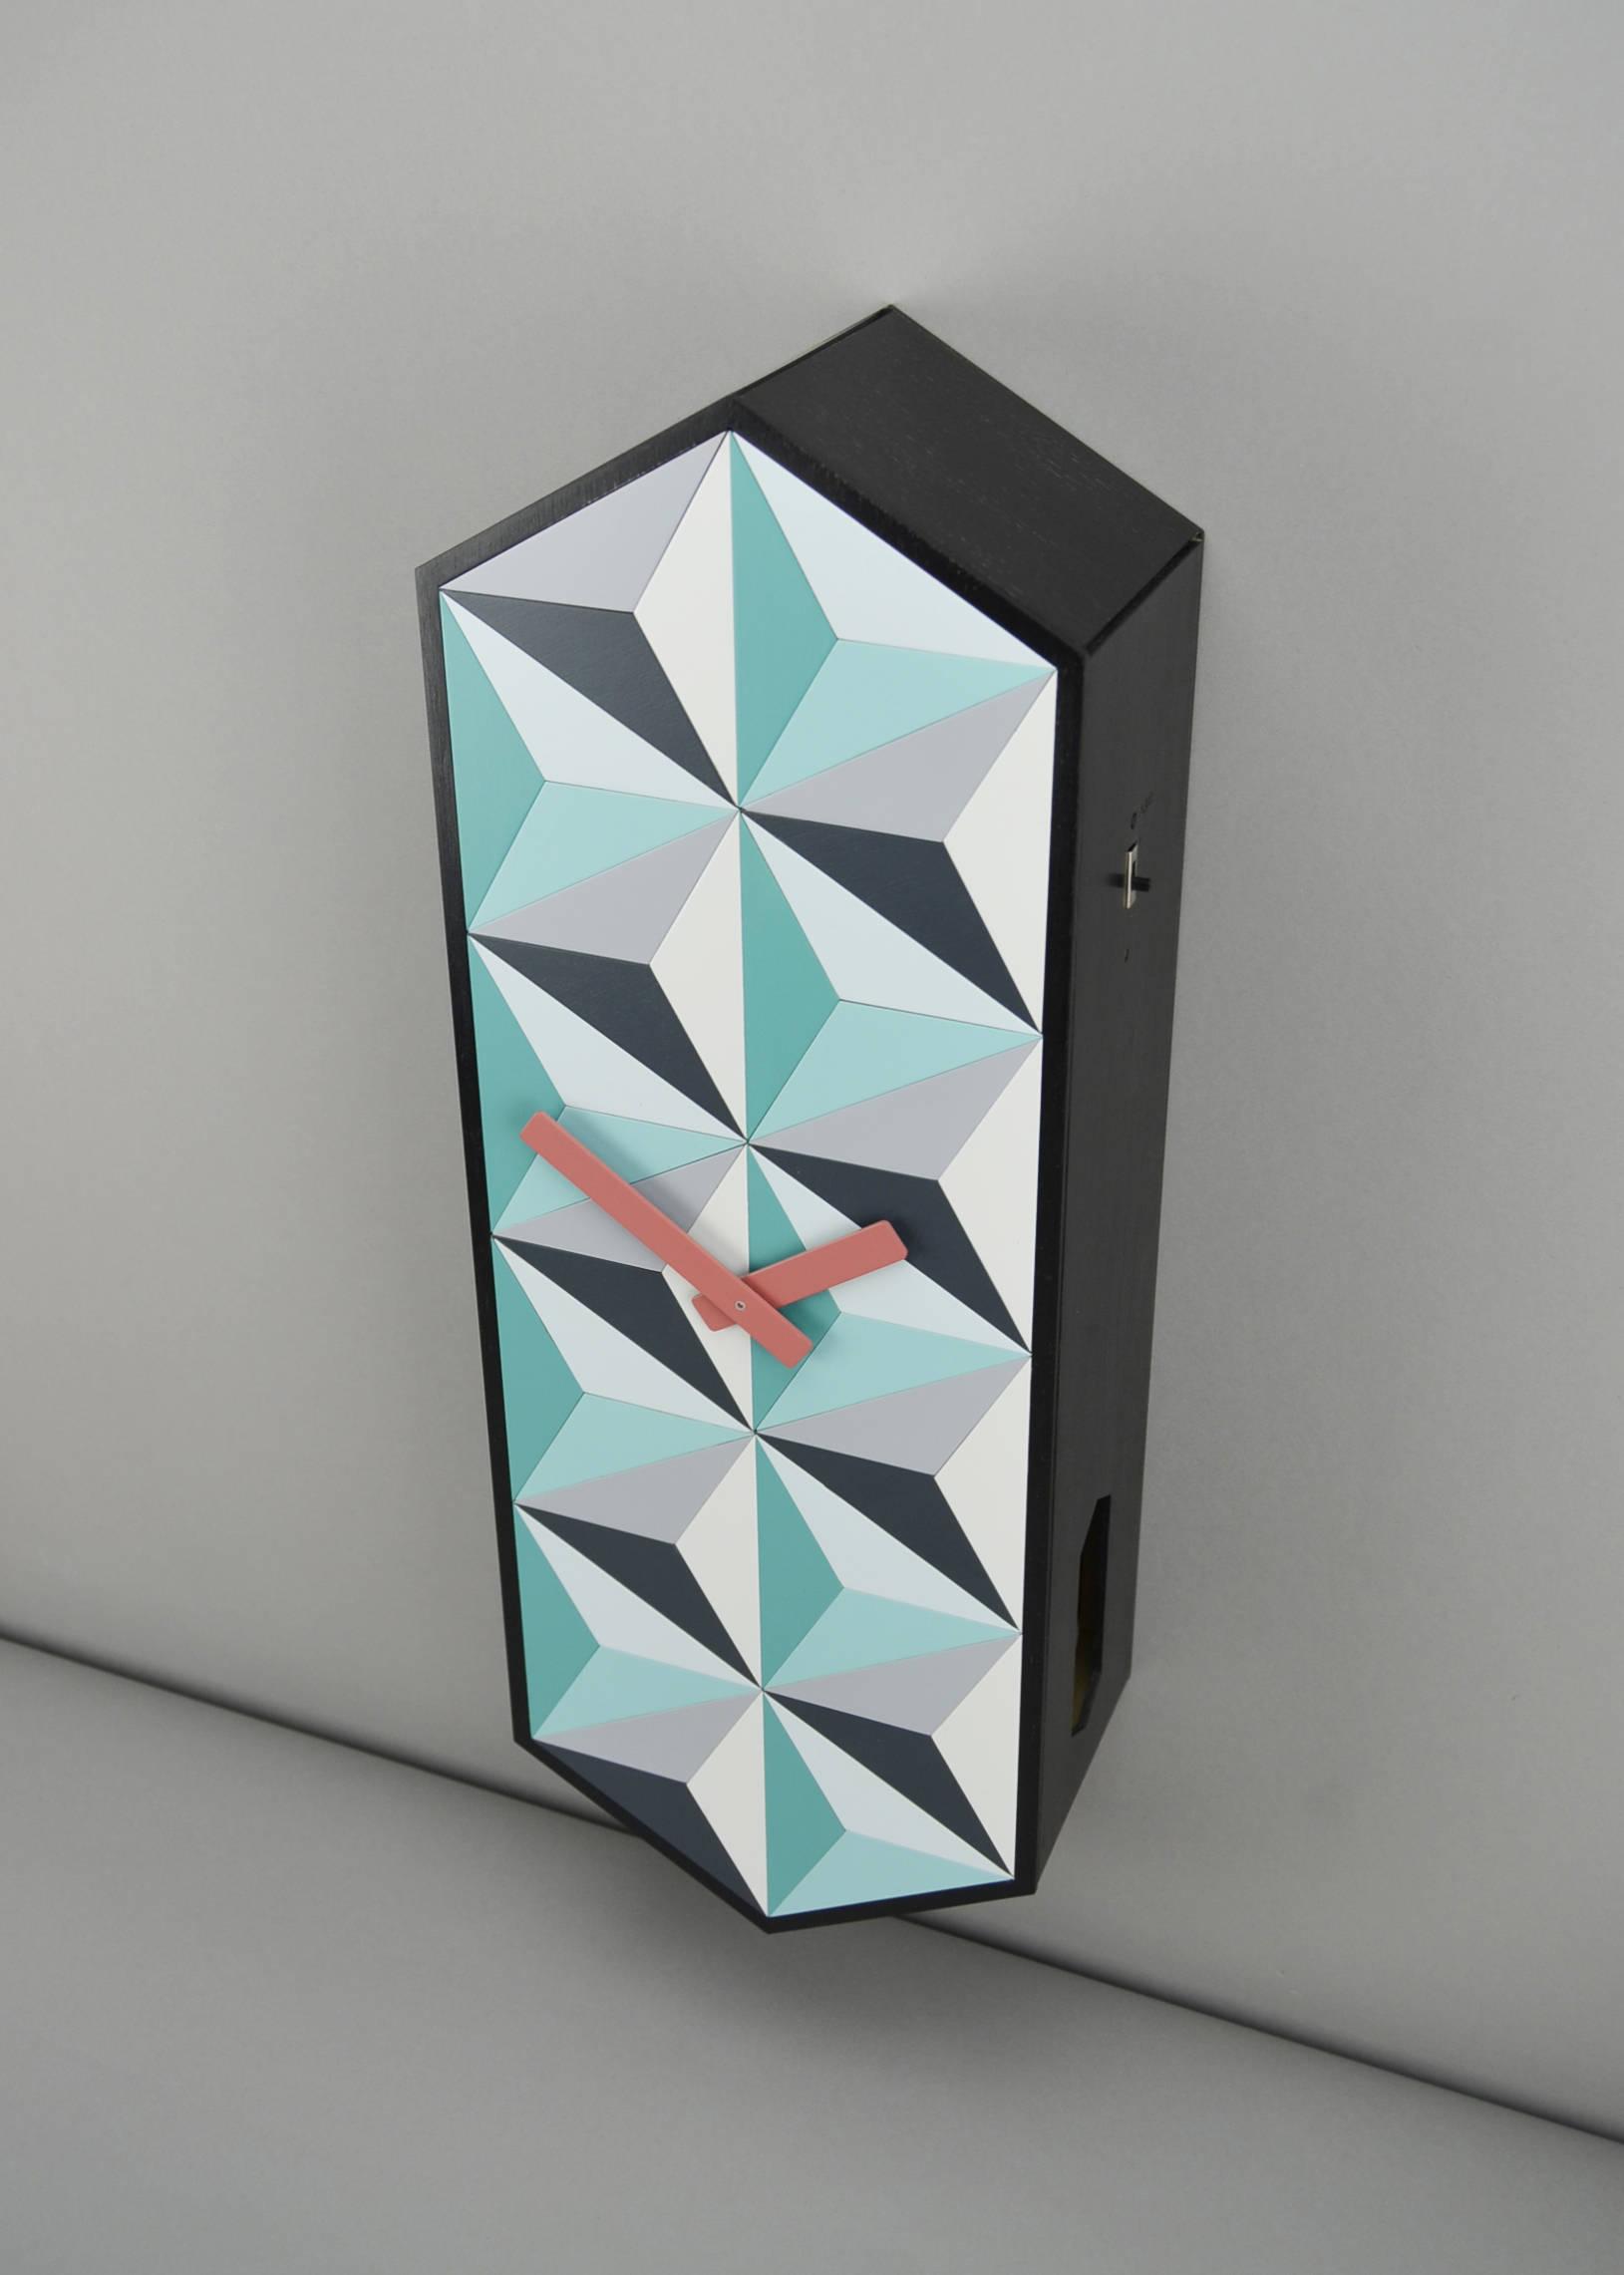 unique geometrical shape